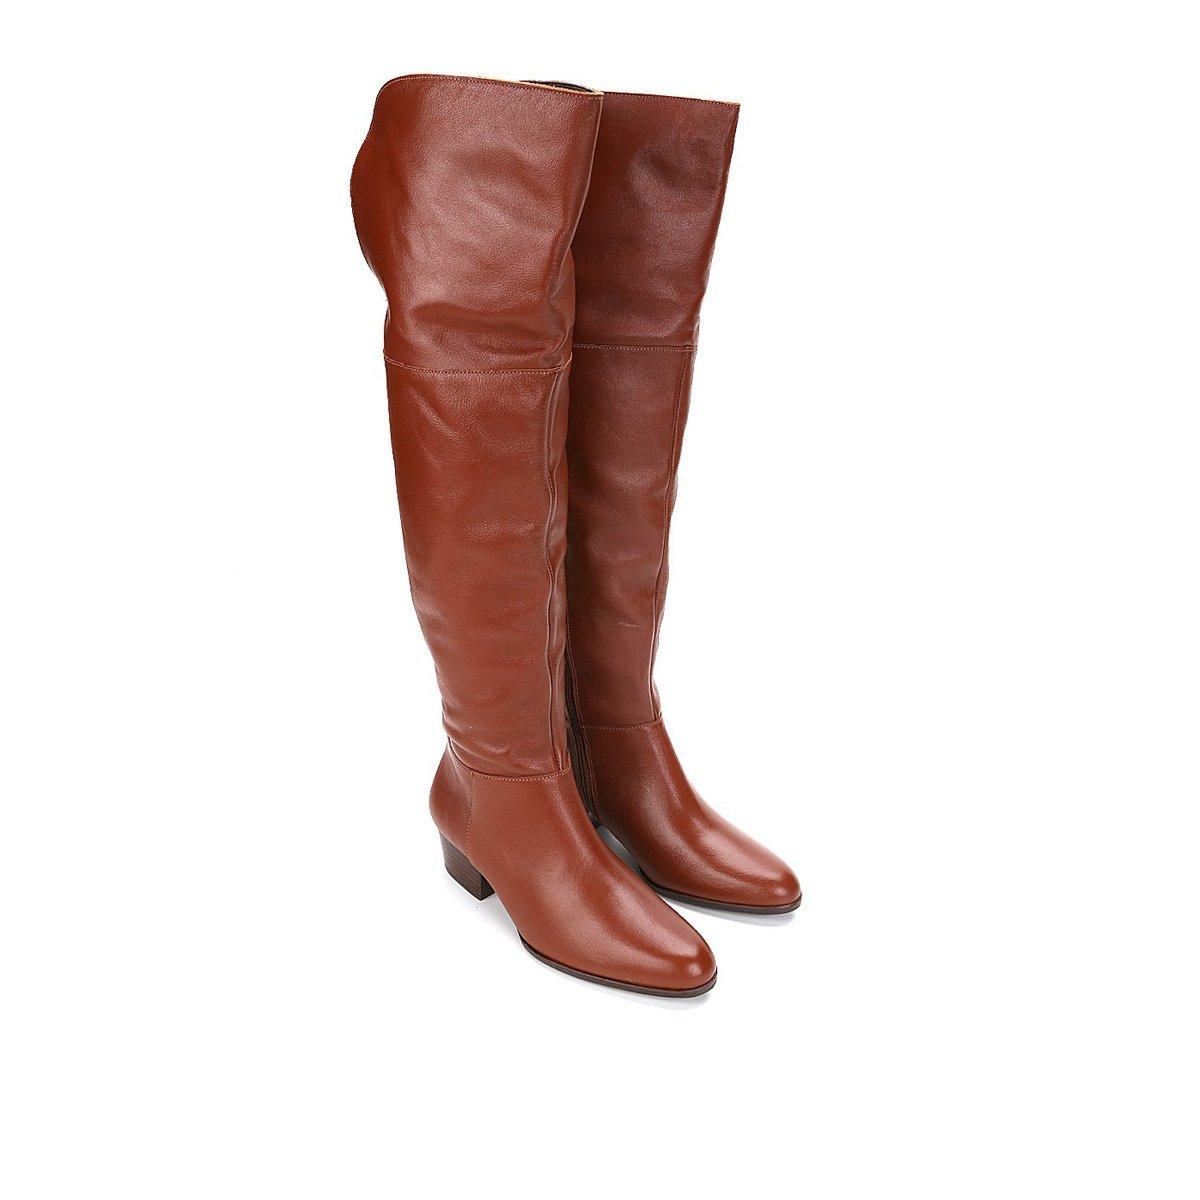 0b83a813a Bota Couro Over the Knee Shoestock Zíper Feminina - Caramelo | Shoestock